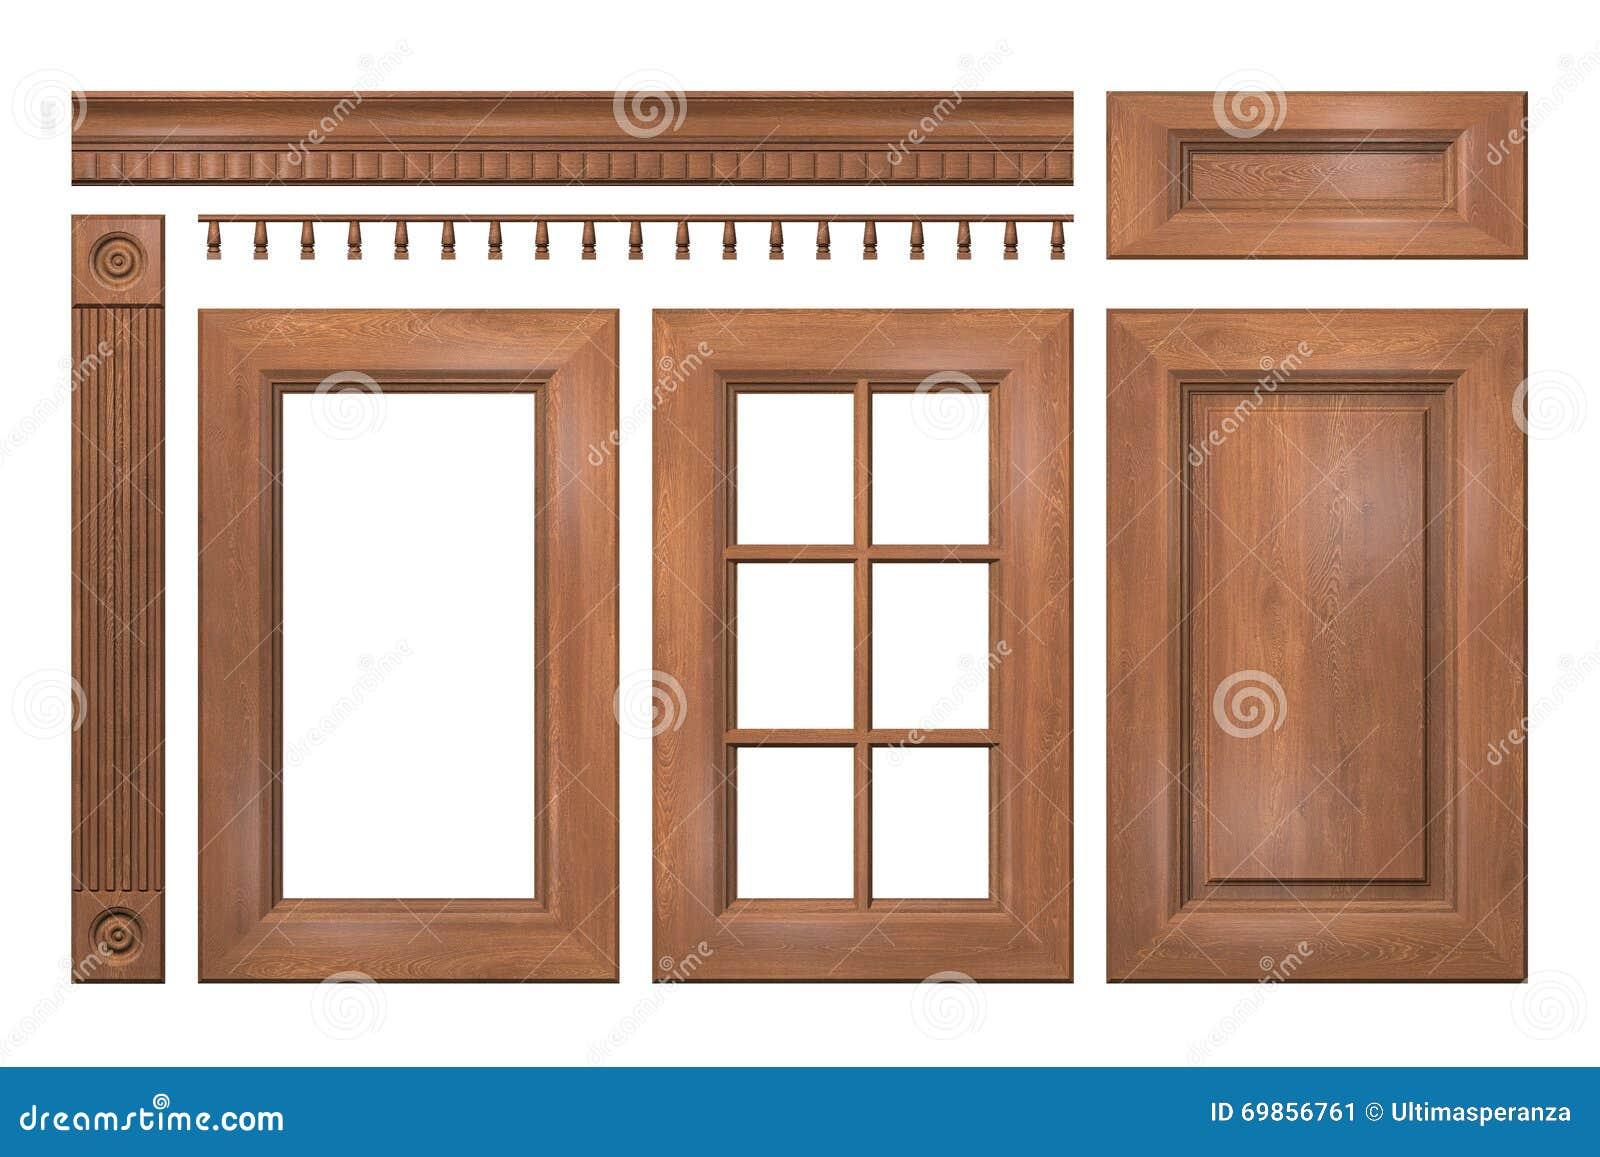 de portas de madeira gaveta coluna cornija para o armário de #85A526 1300x957